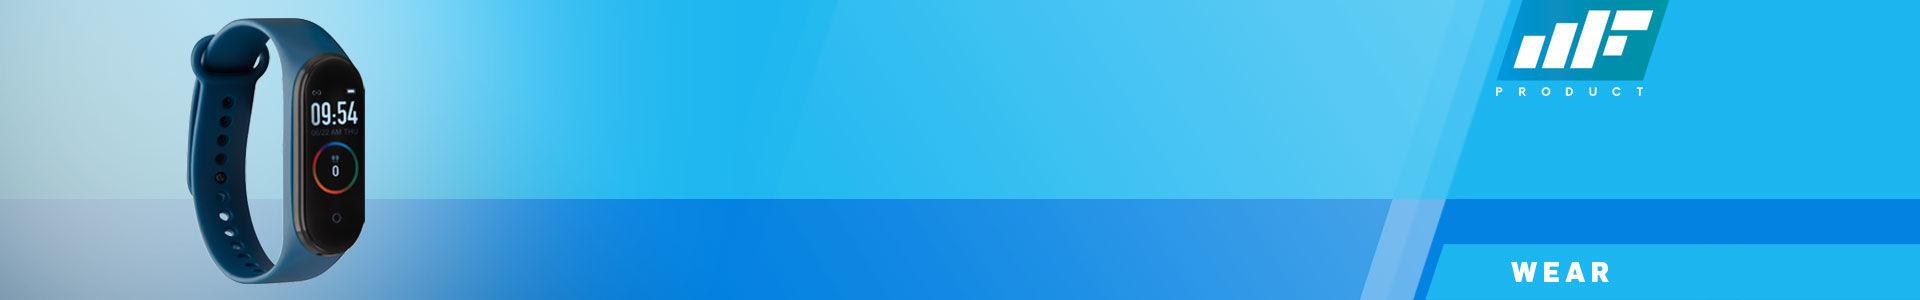 MF Product Wear 0071 Akıllı Bileklik Mavi en iyi fiyata stokta!